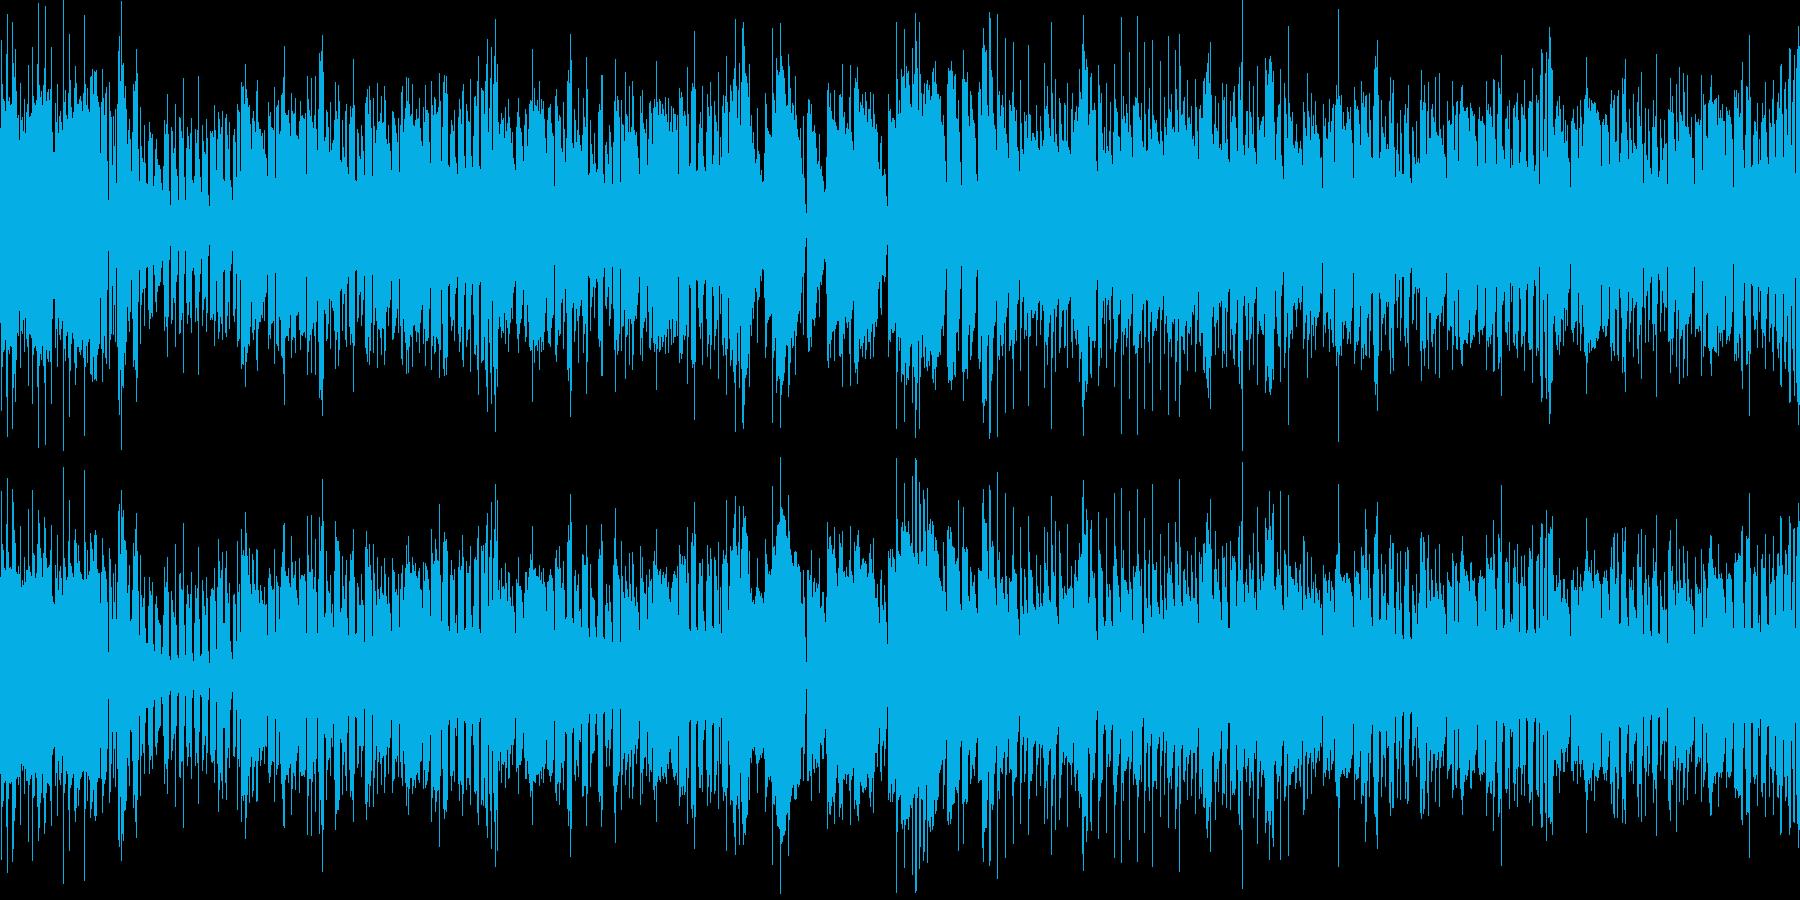 ギャグシーンに向けの曲です。の再生済みの波形